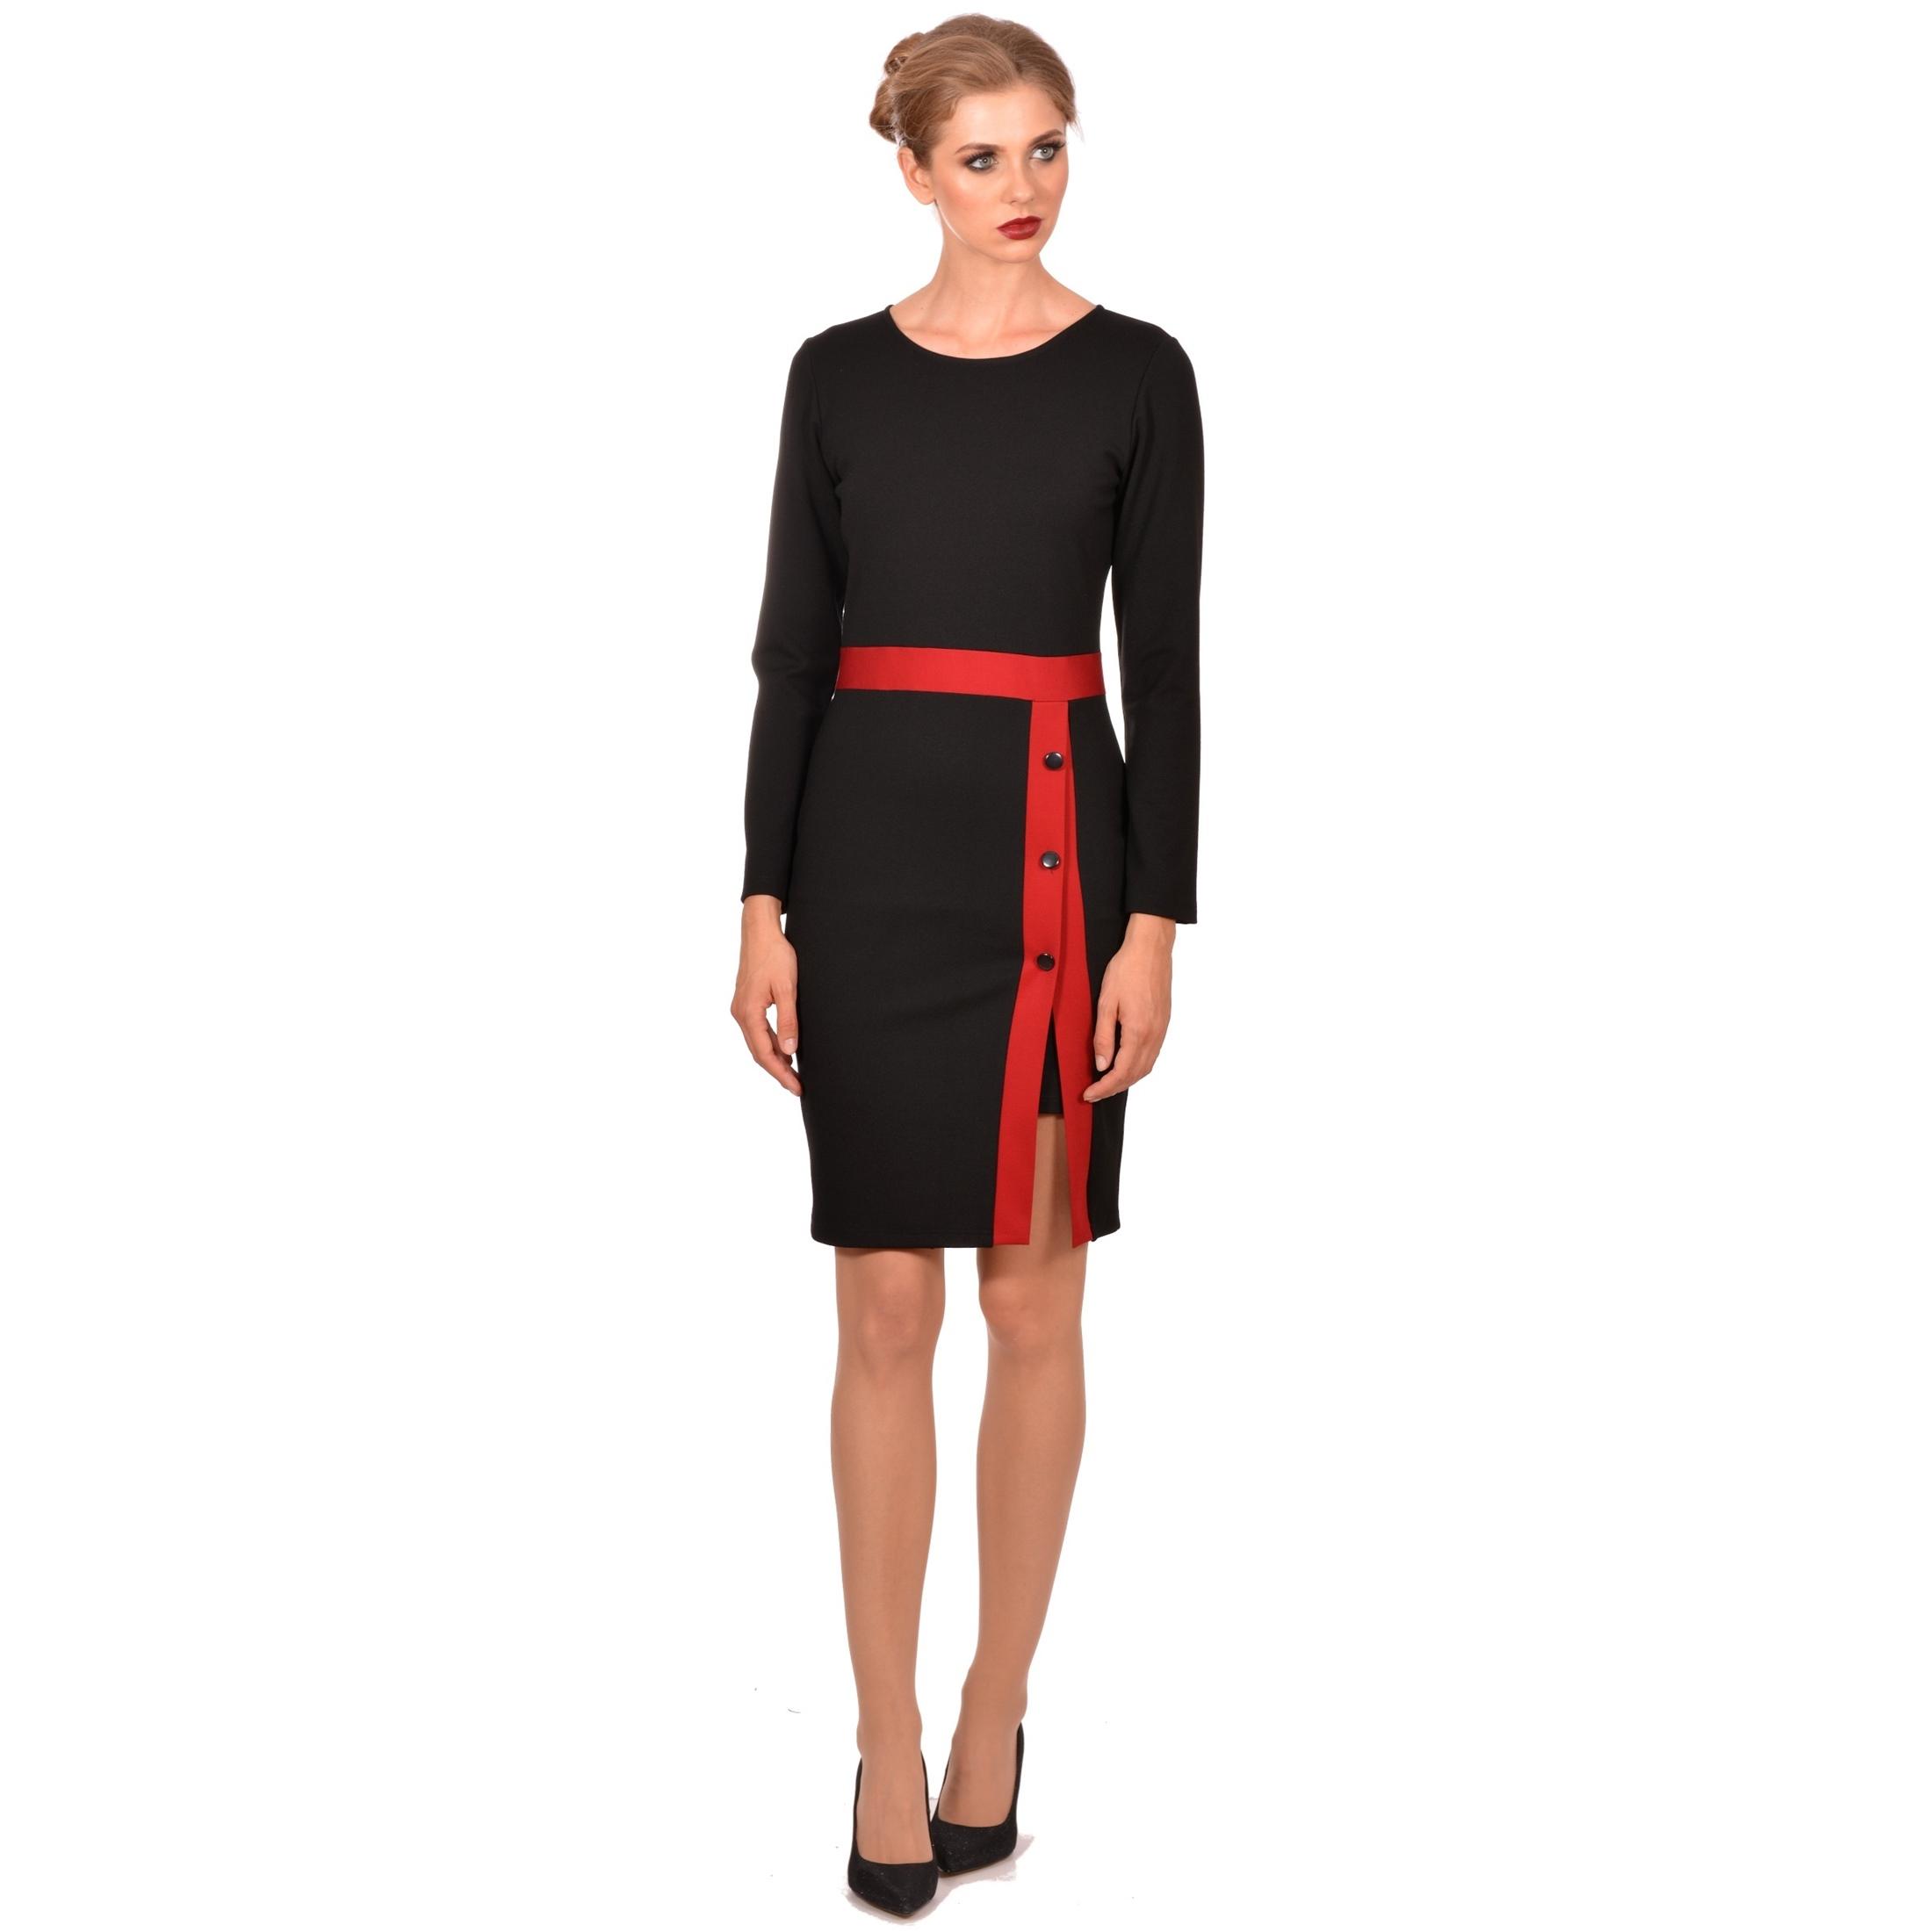 ženska crna haljina, women's black dress,modern dress